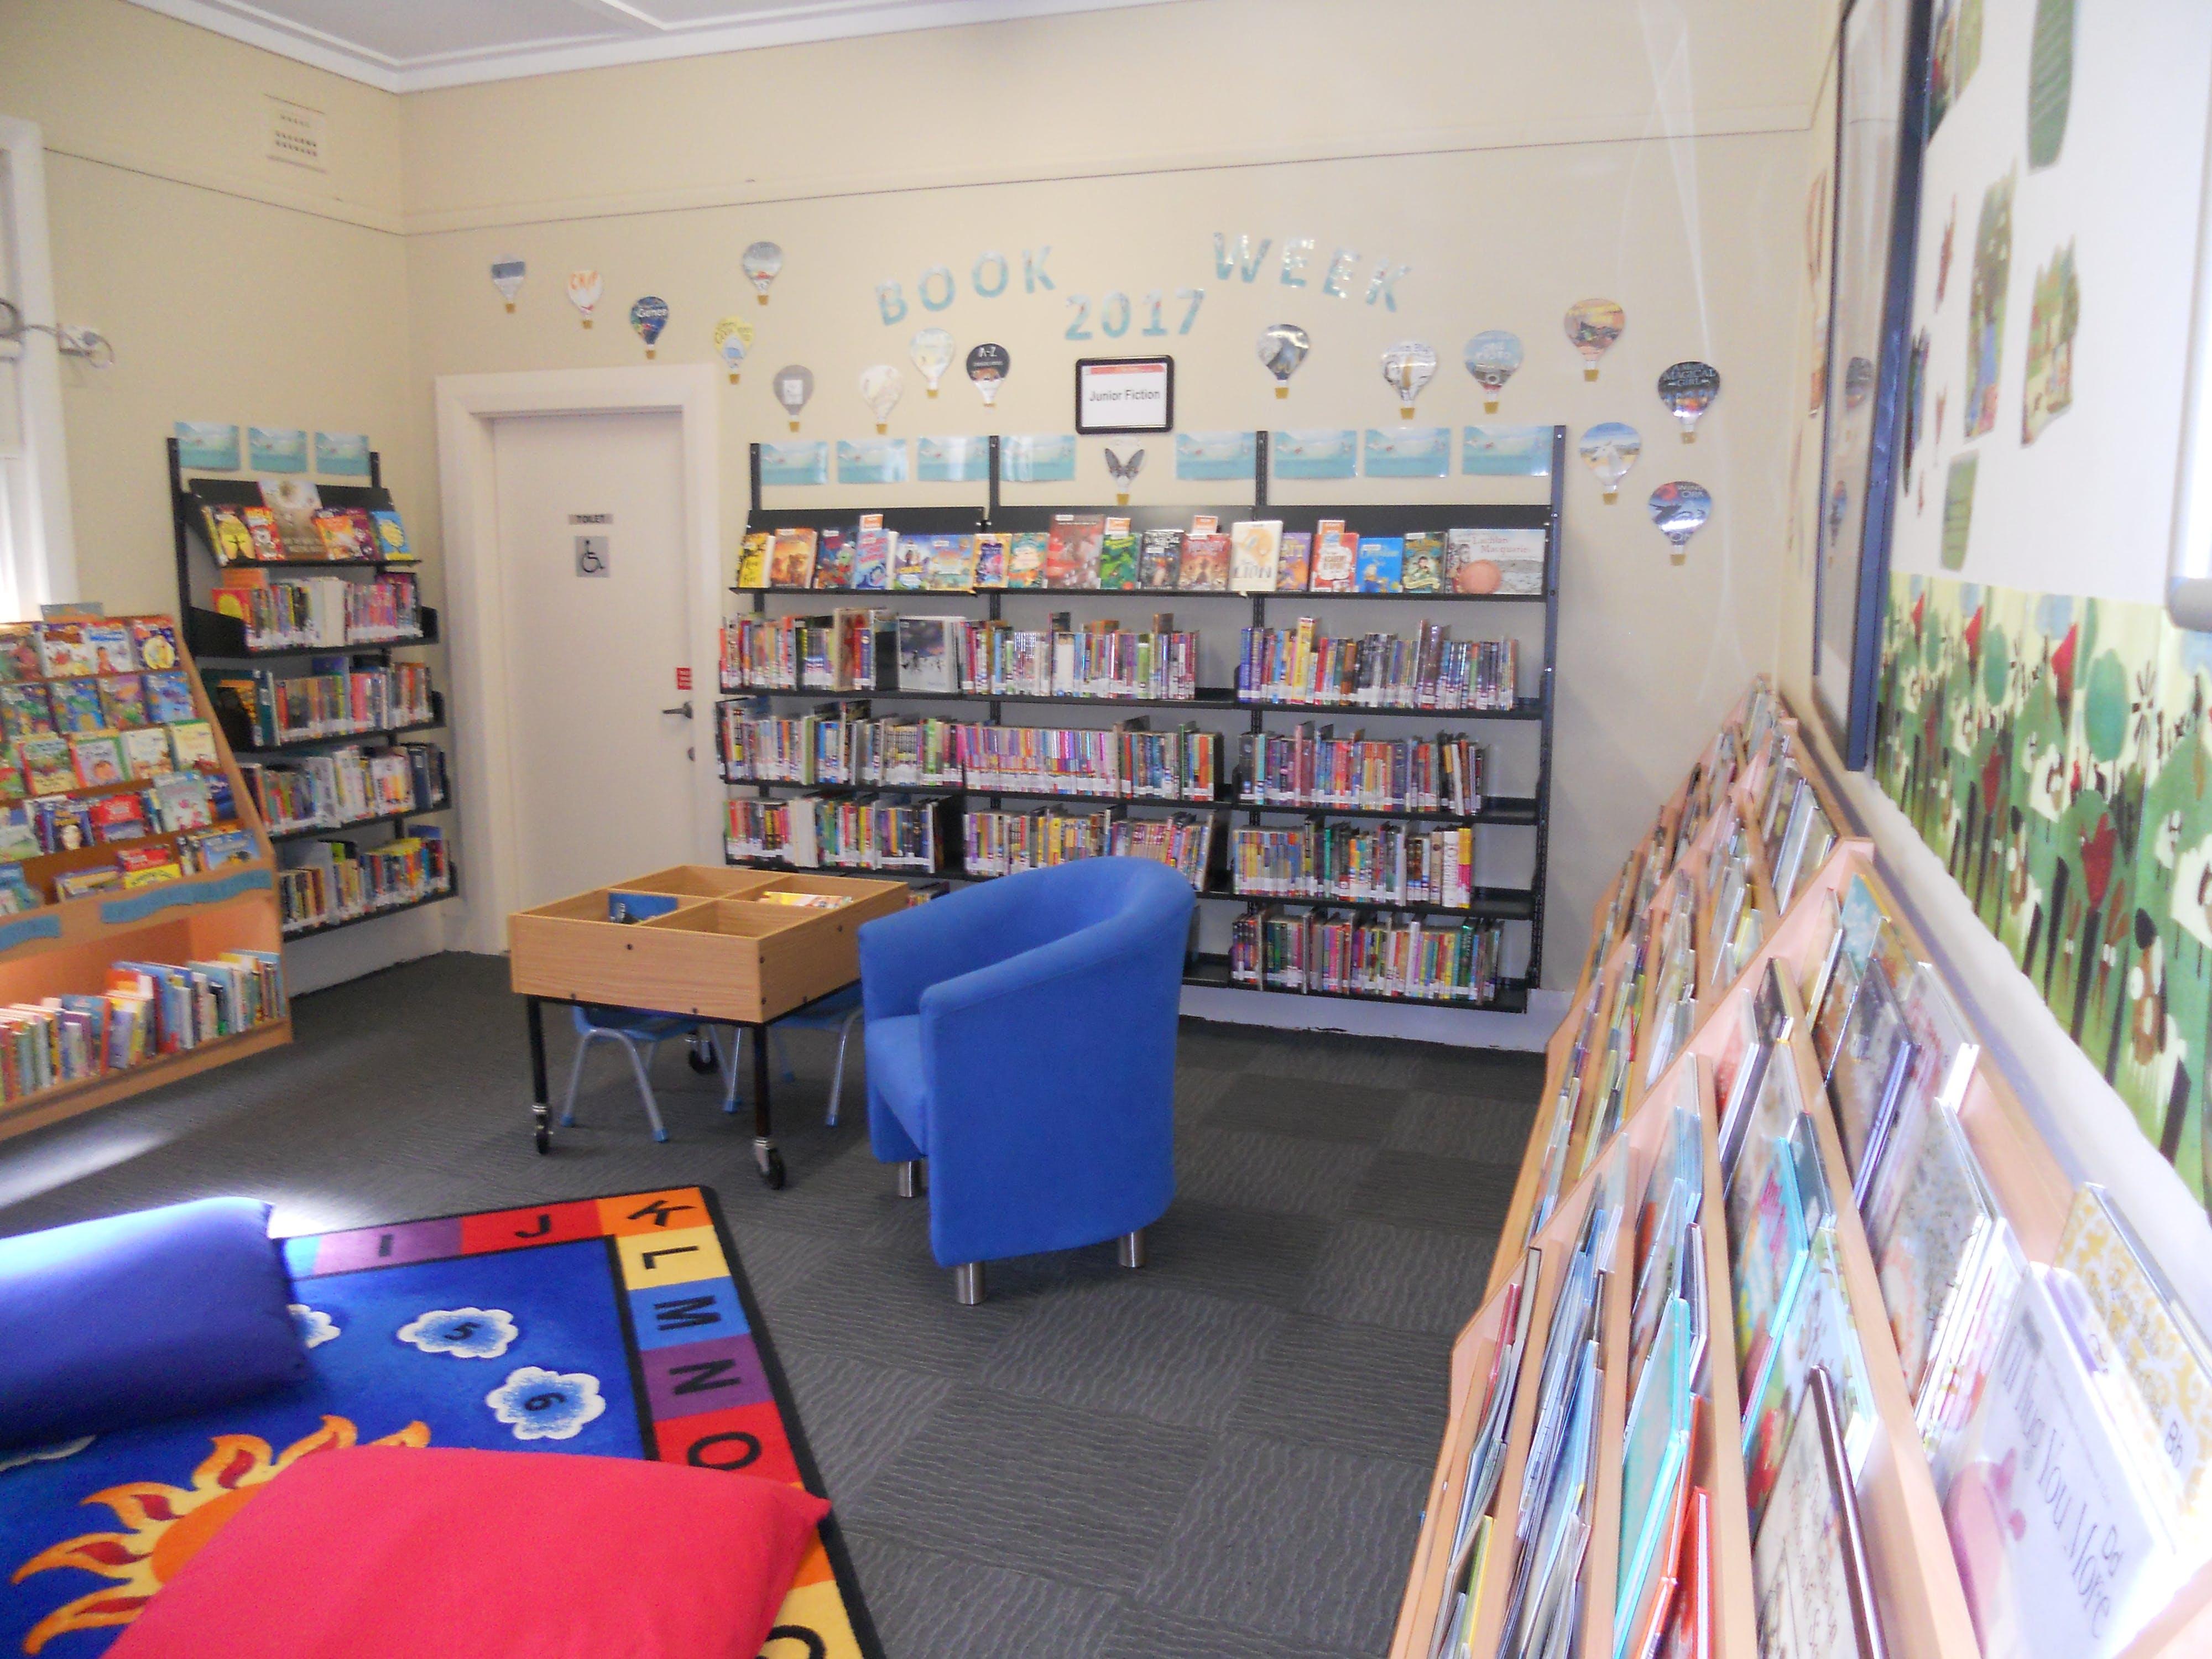 Library photo dscn3409